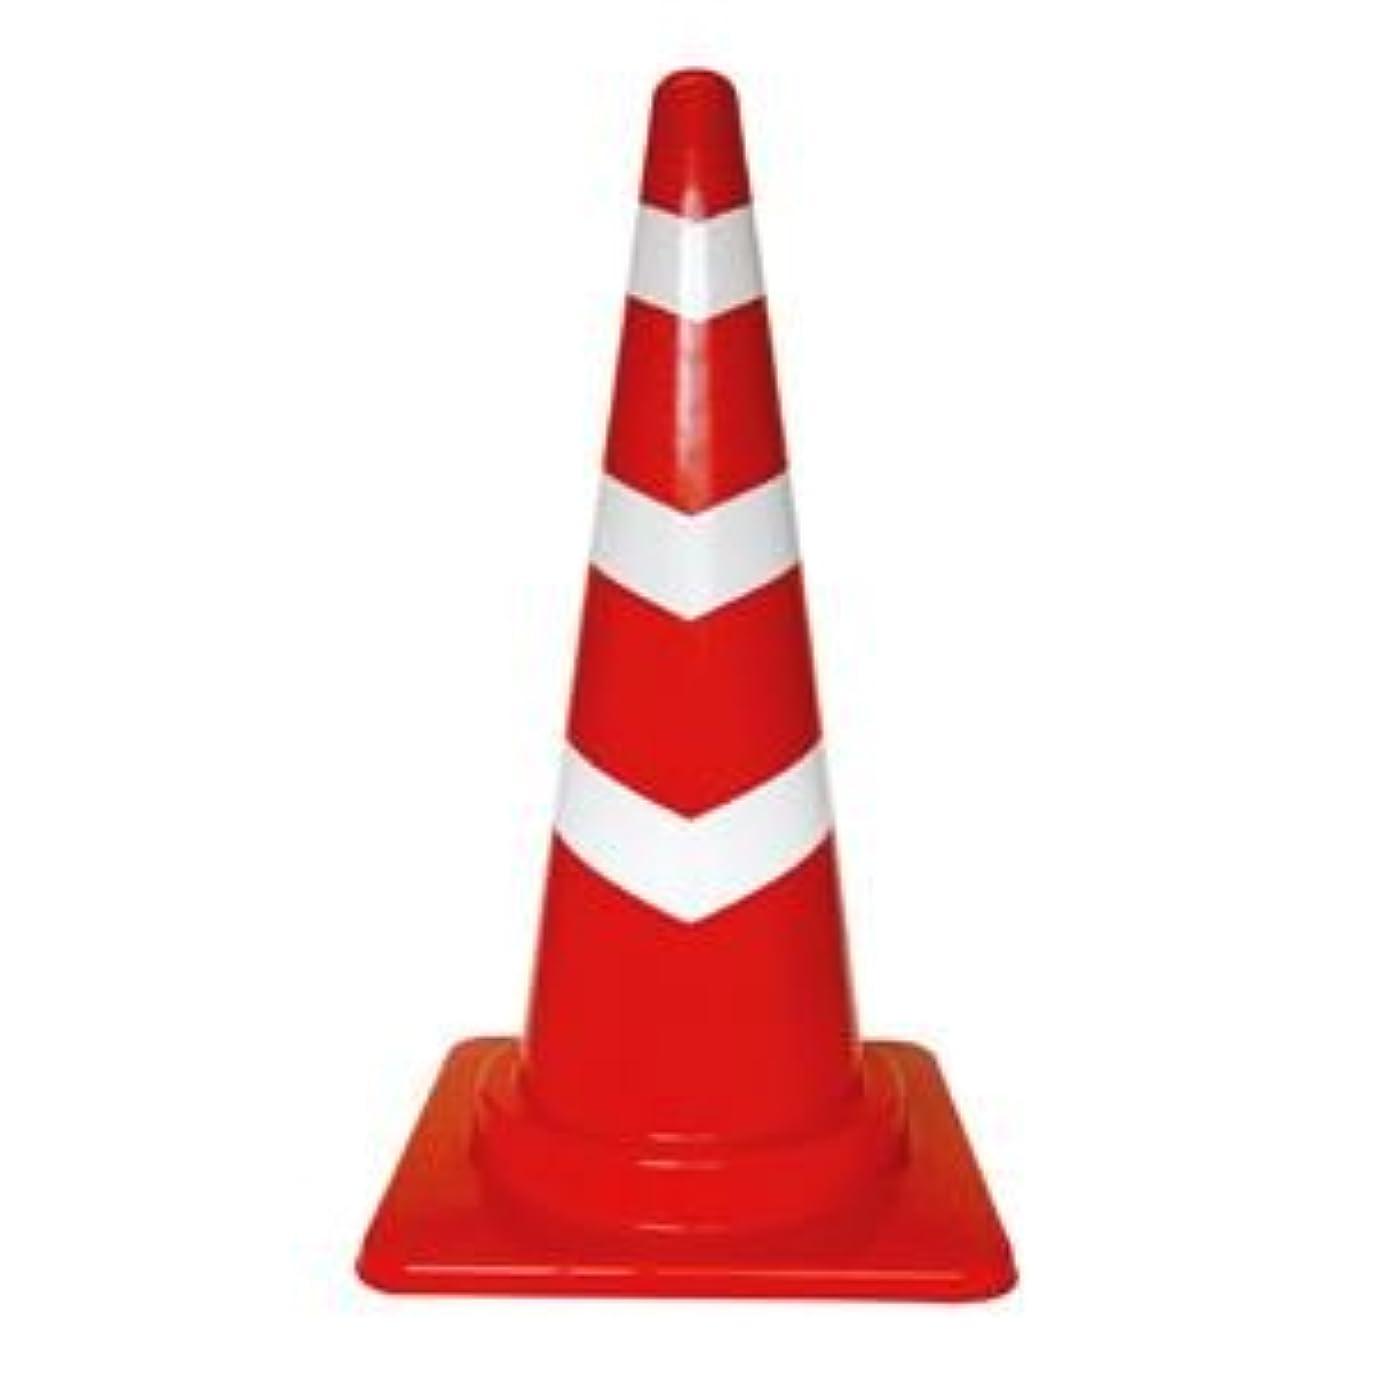 無し安らぎ構築する三甲(サンコー) 三角コーン(パイロン/スコッチコーンL) 反射テープ付き レッド(赤)×白テープ巻